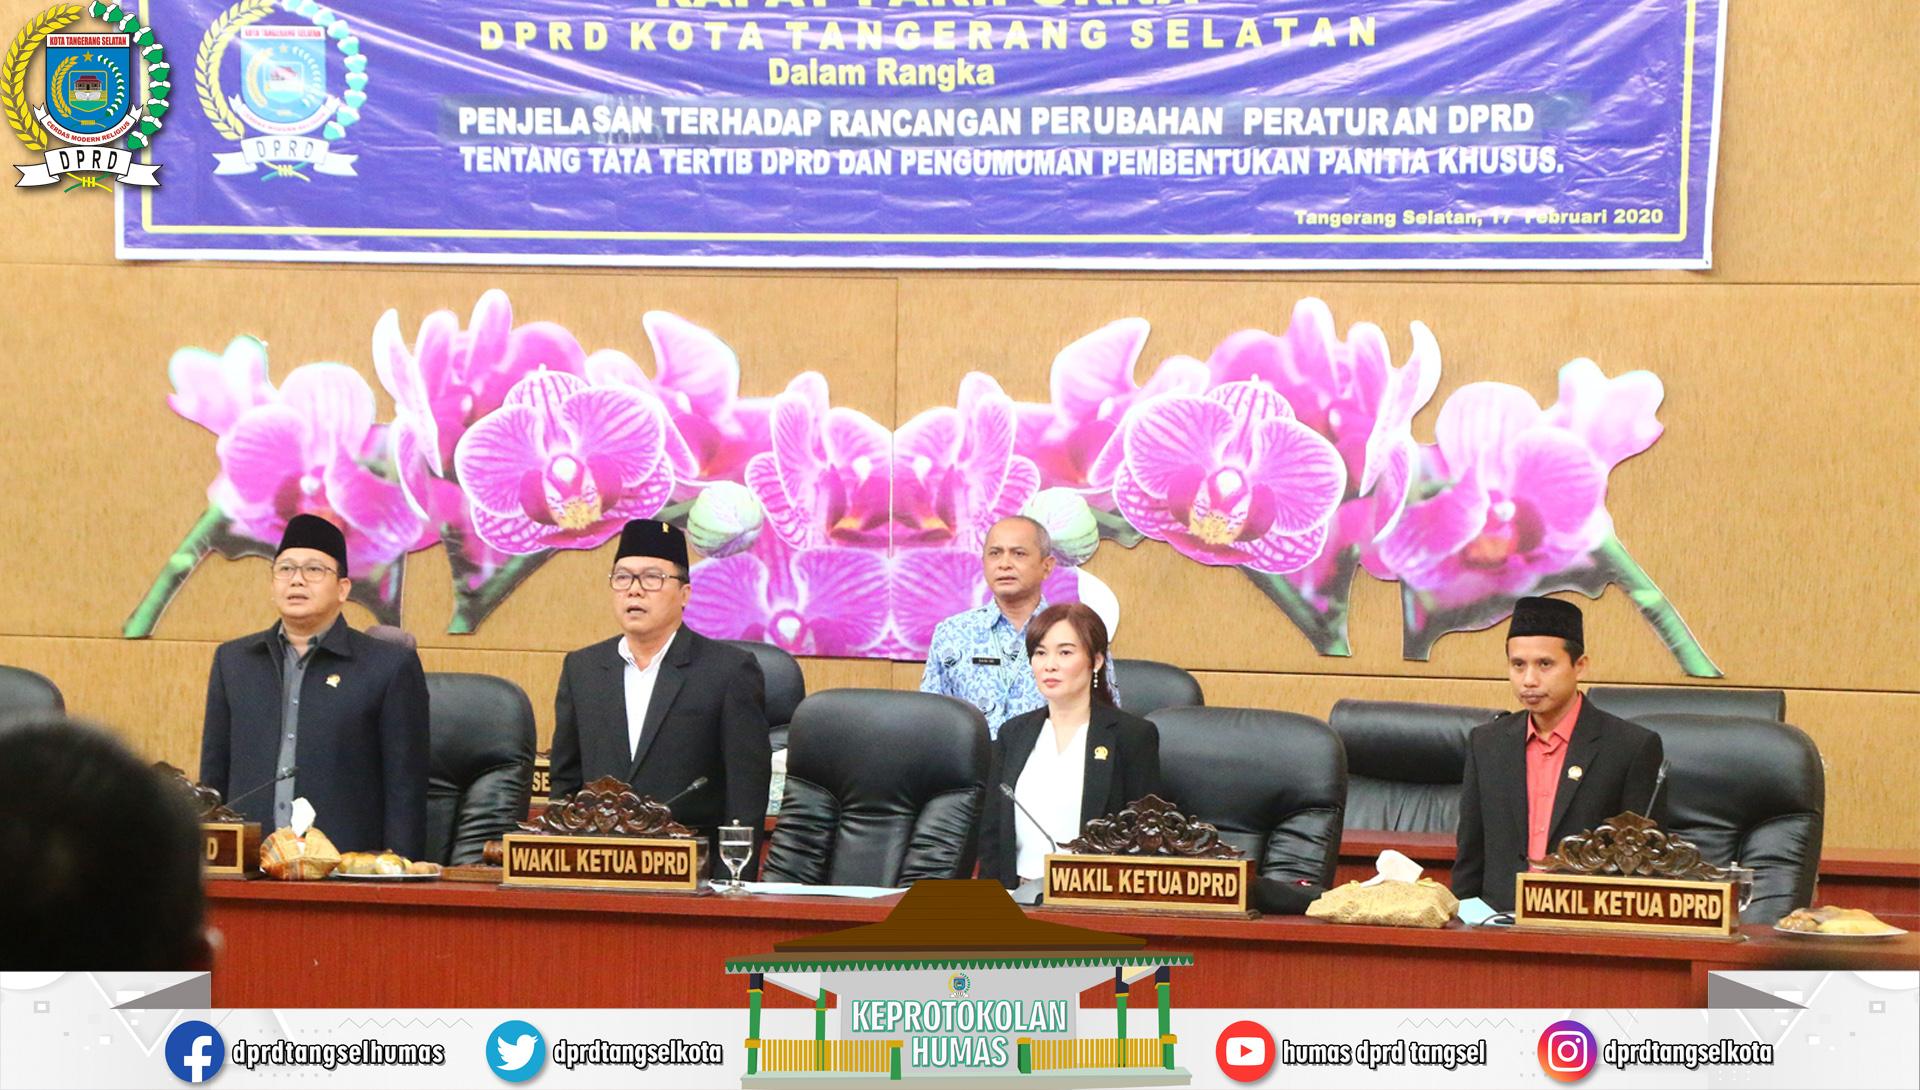 DPRD Kota Tangerang Selatan gelar Rapat Paripurna dengan 2 Agenda